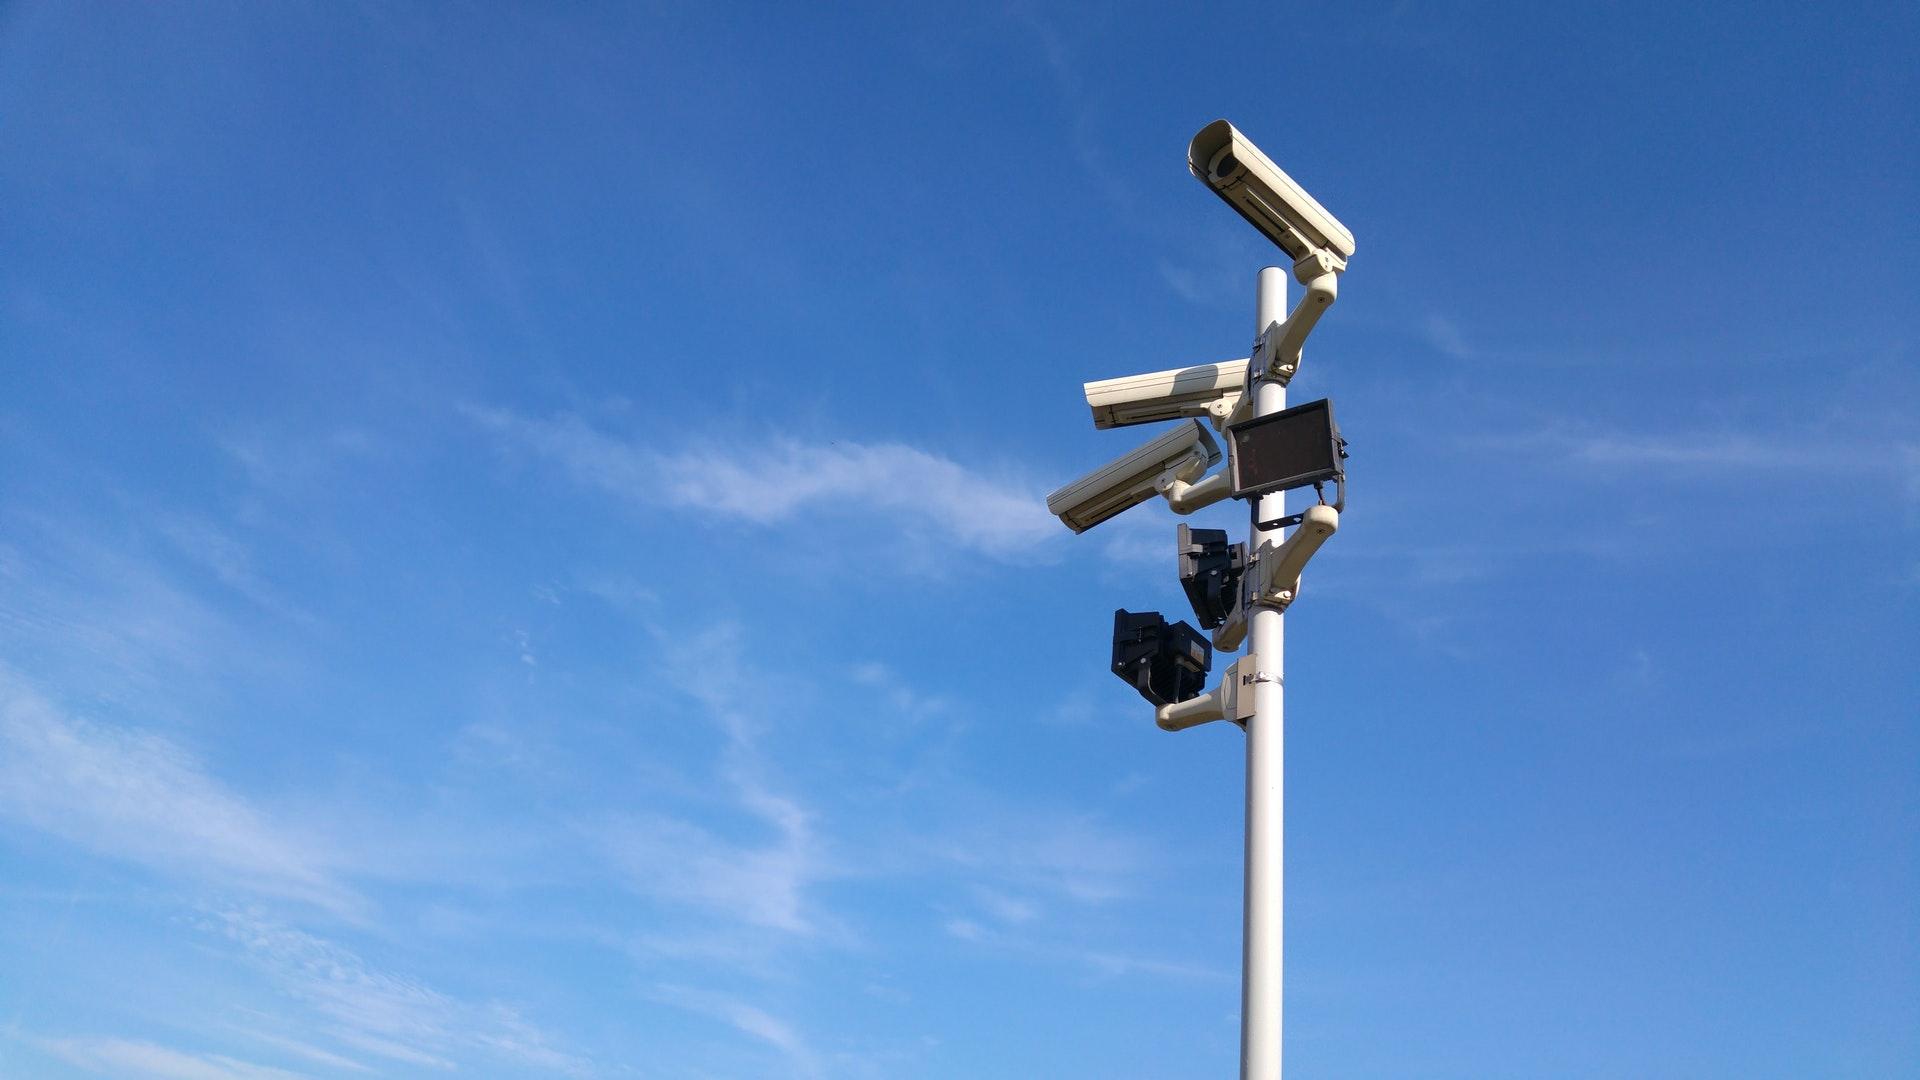 privacidad, confidencialidad